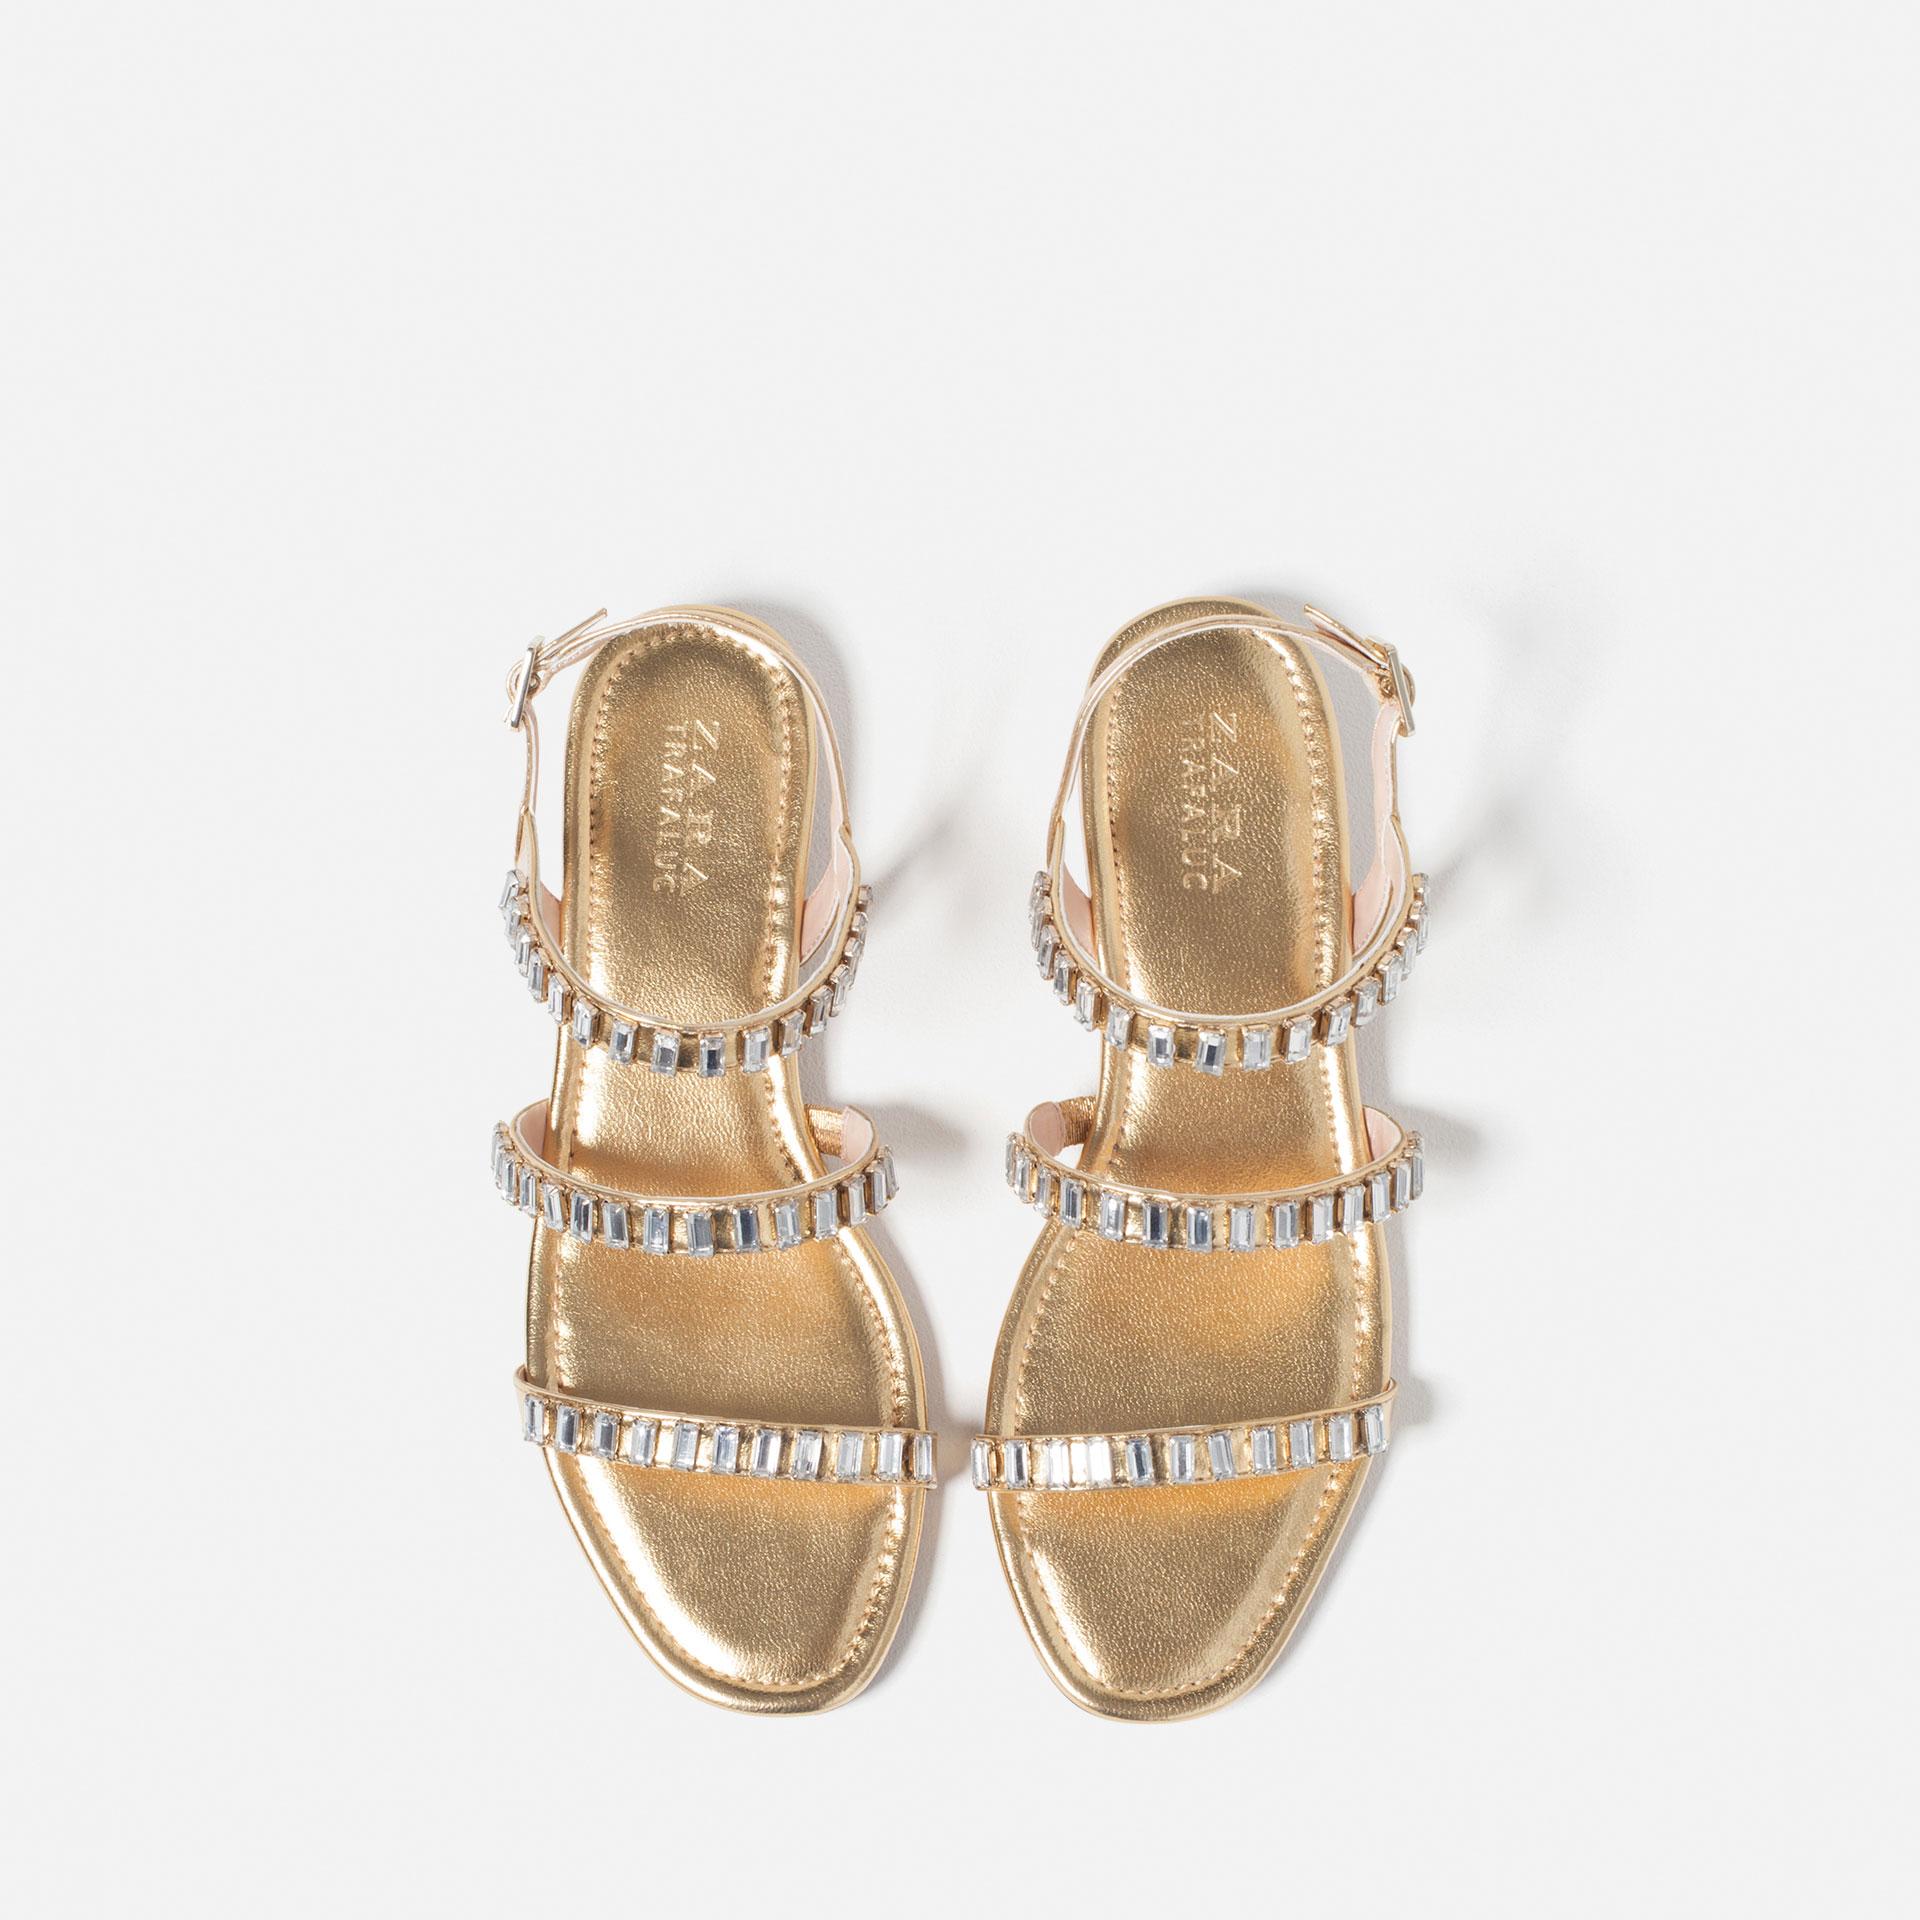 6 Farklı Tarz ile Sandaletler modern